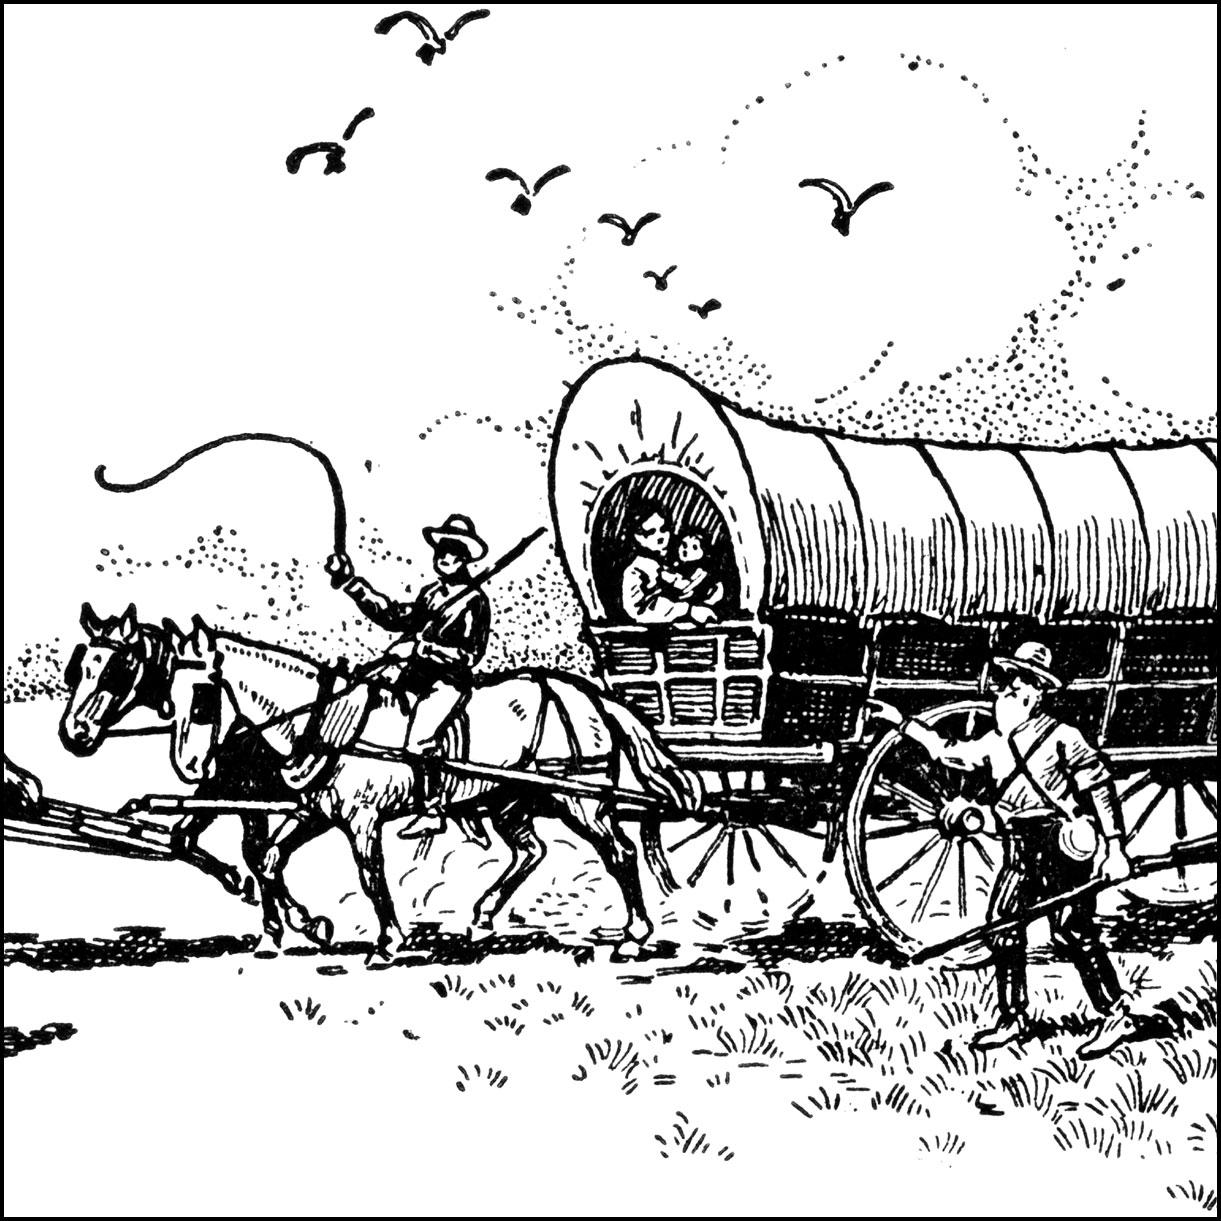 emigrants 1700